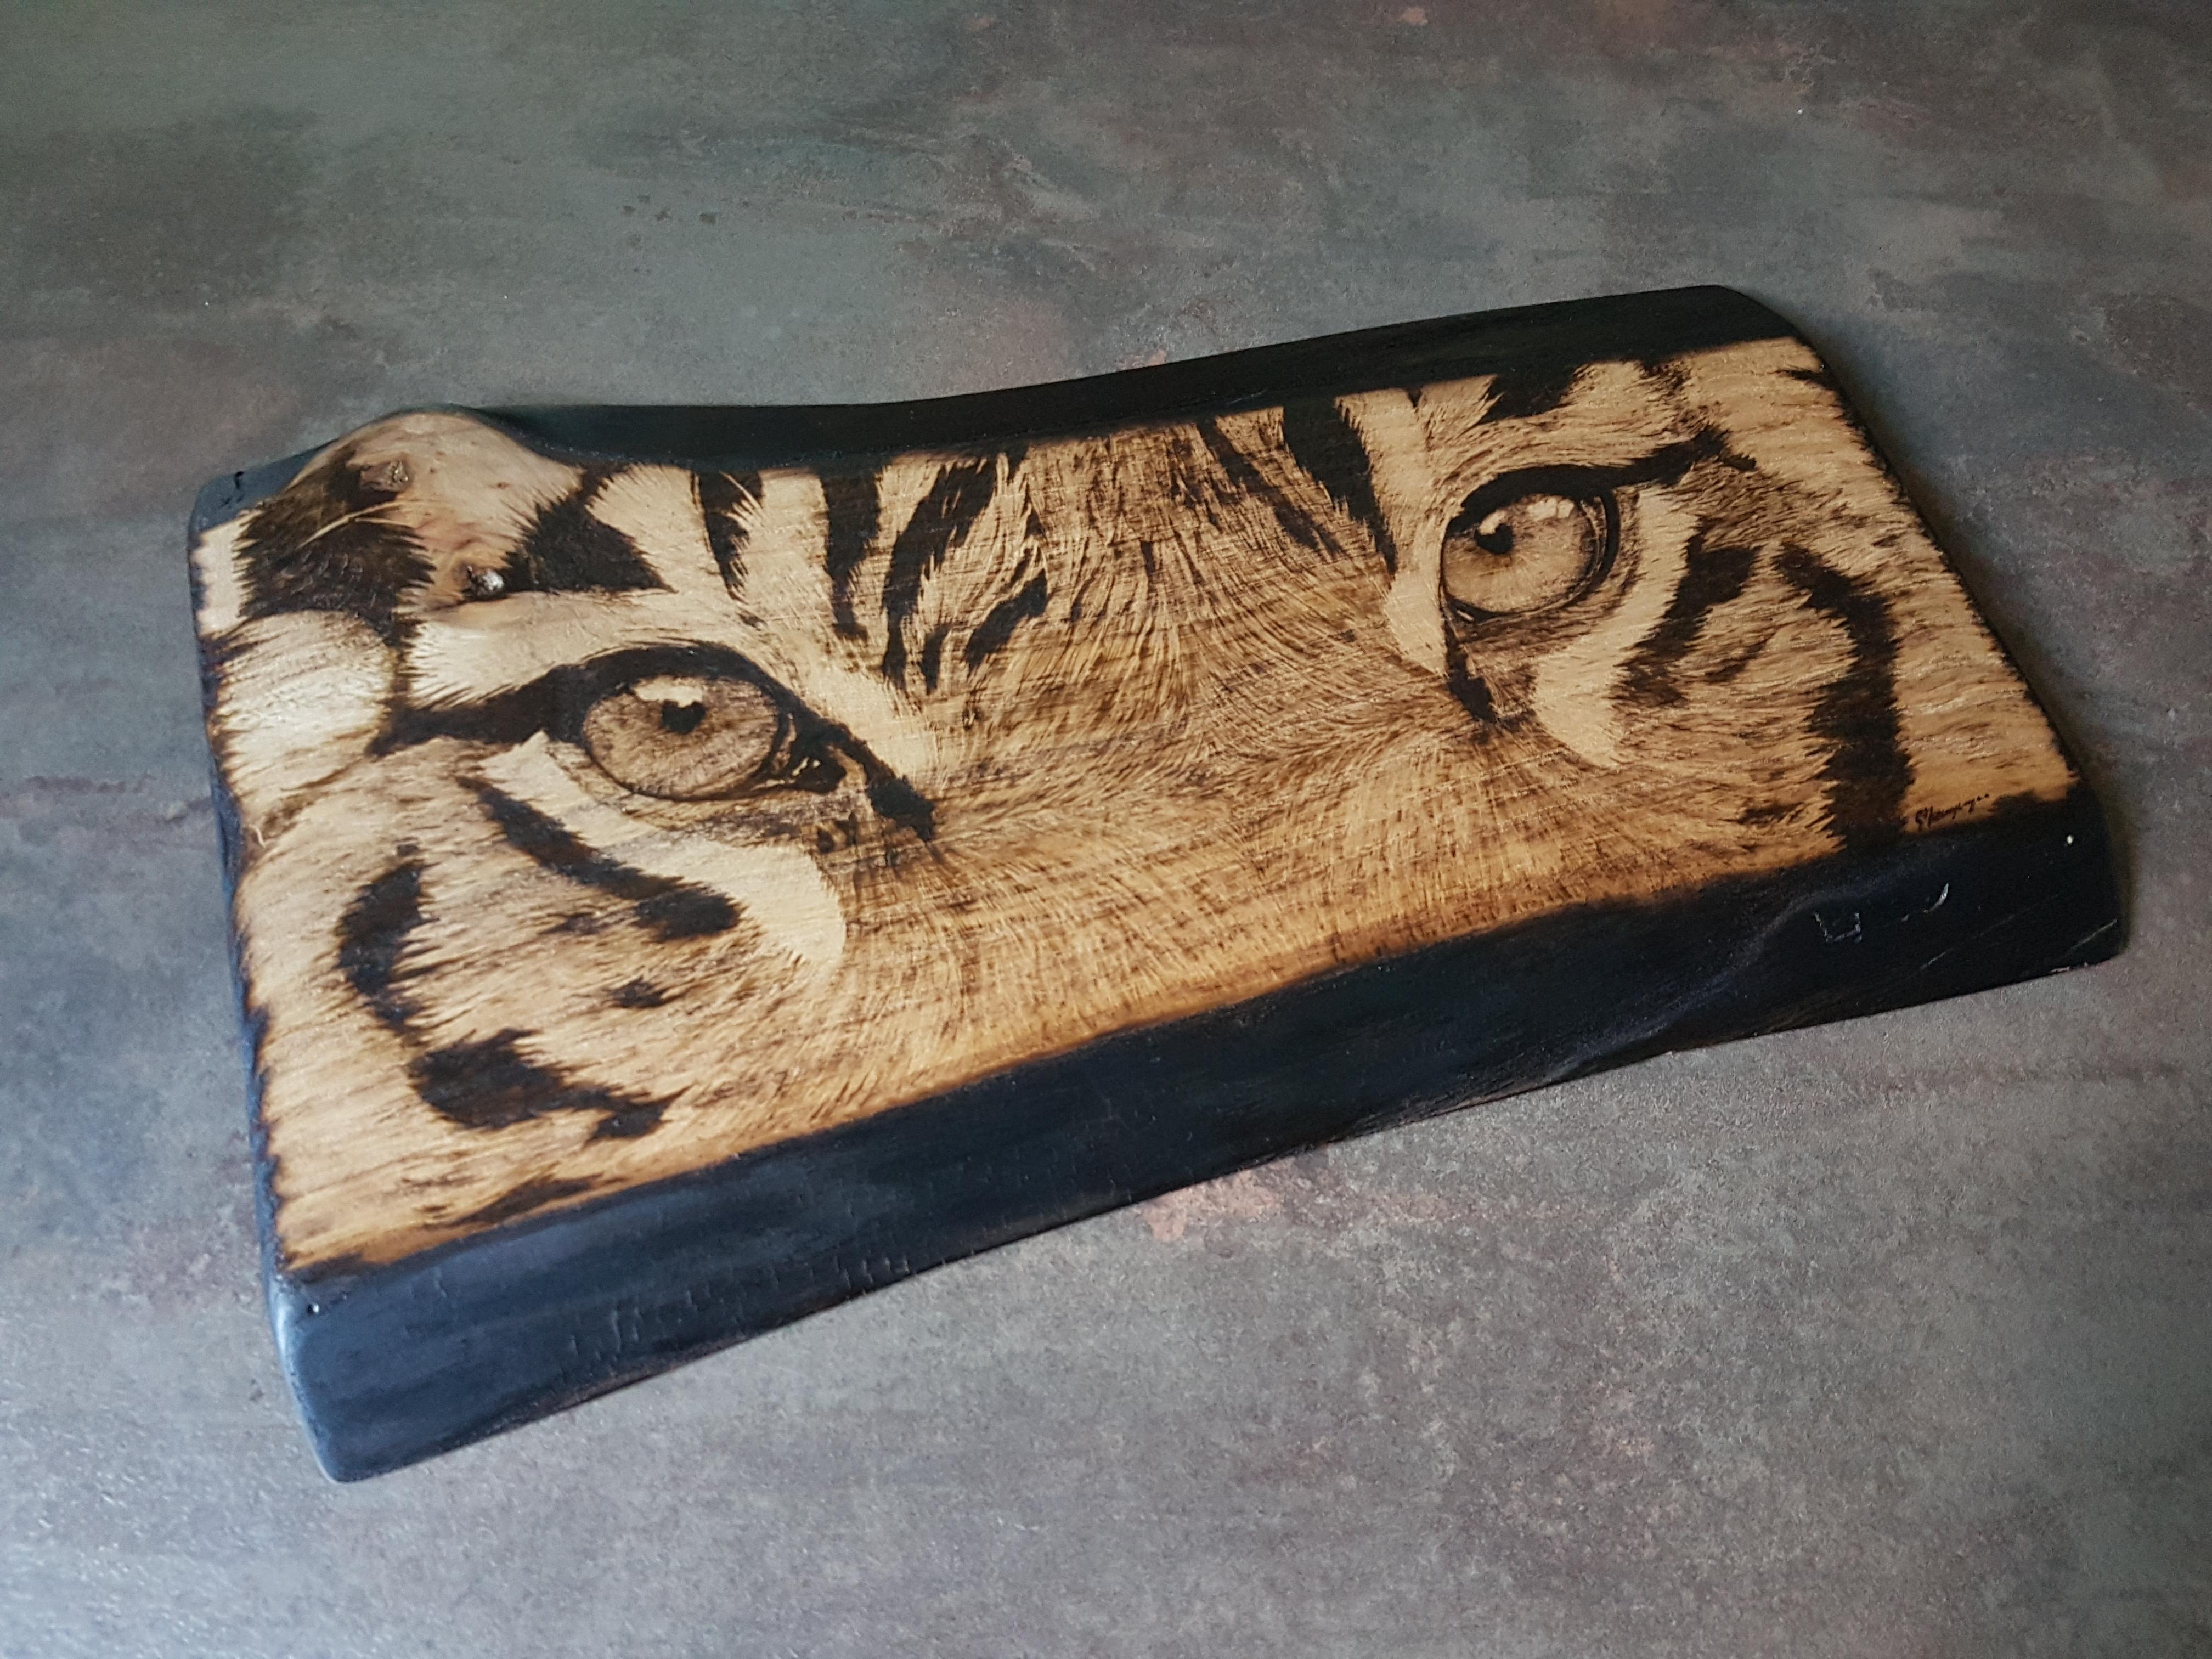 wypalanie w drewnie, sylwia, pirografia, janczyszyn, pyrography, handmade, rękodzieło, pomysł na prezent, oczy tygrysa